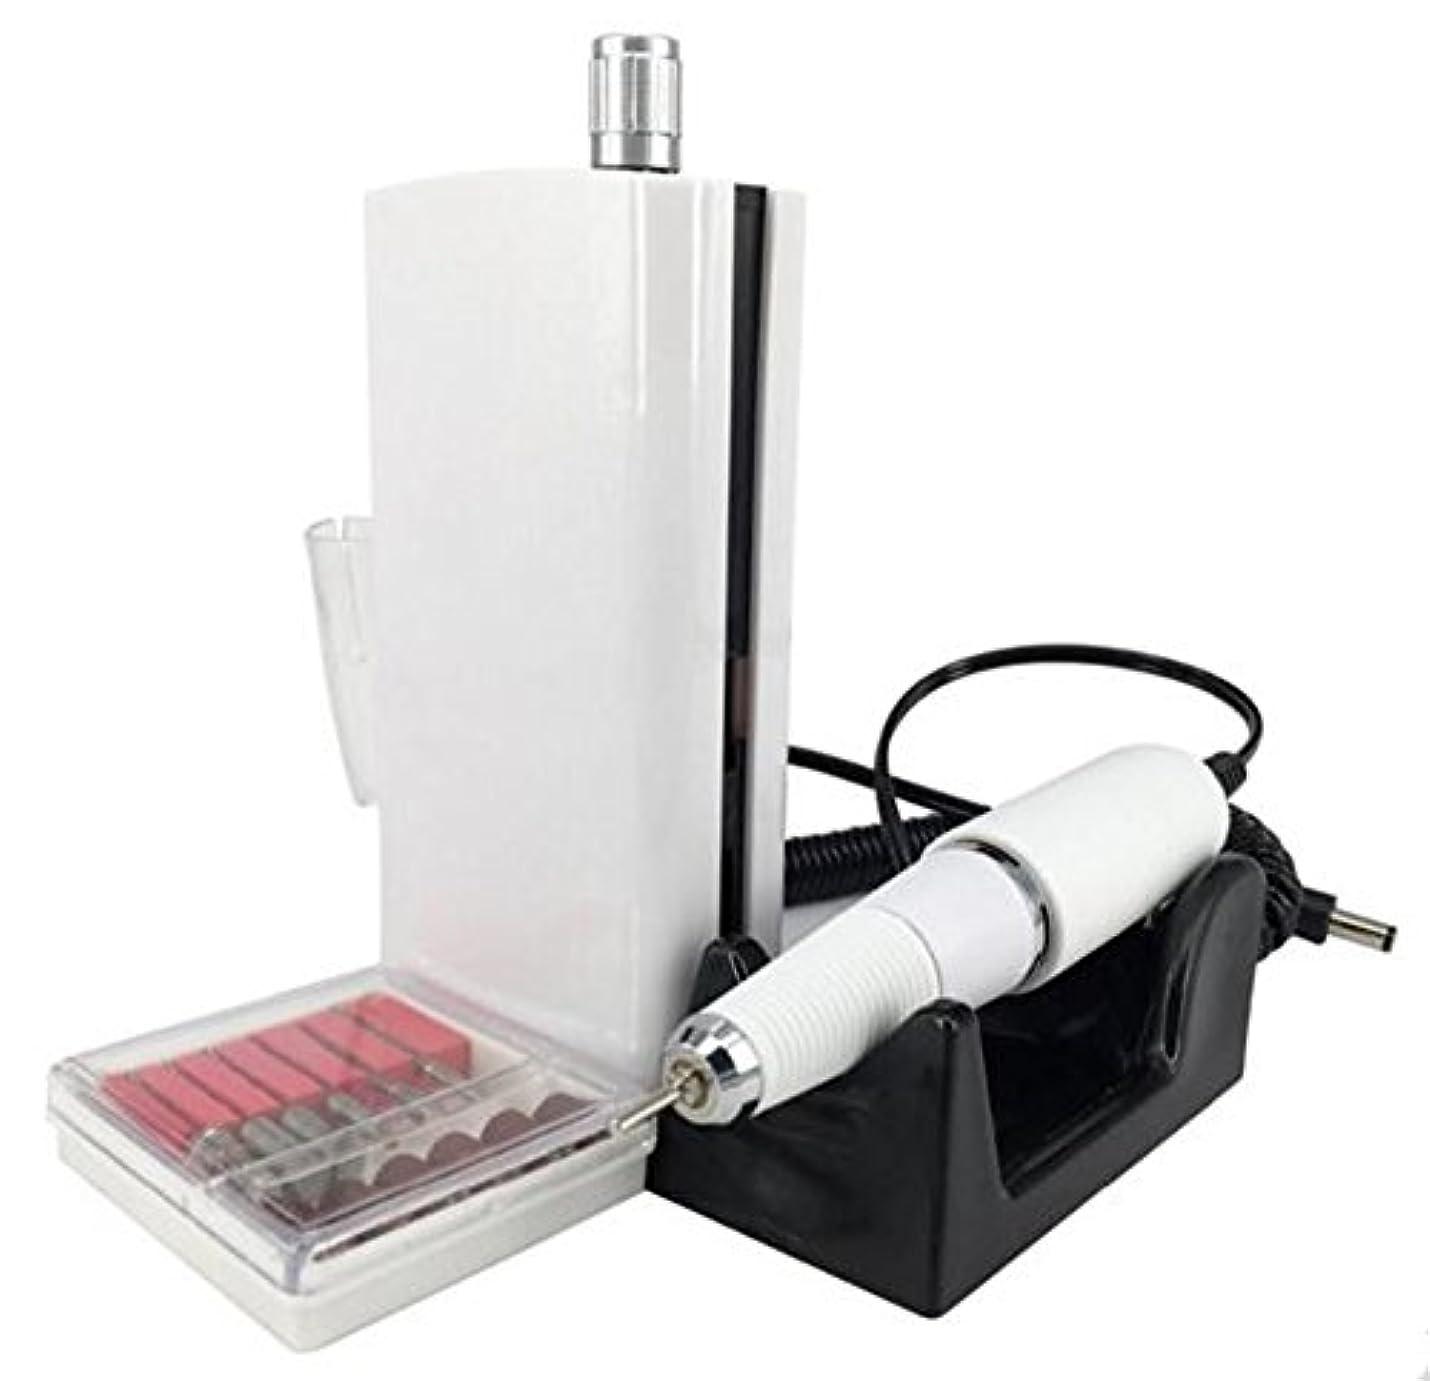 肺存在債務者UZMEIマニキュアとペディキュア用具30000RPM 充電式電気ネイルドリルプロフェッショナルまたは家庭用の6pcドリルビット付き